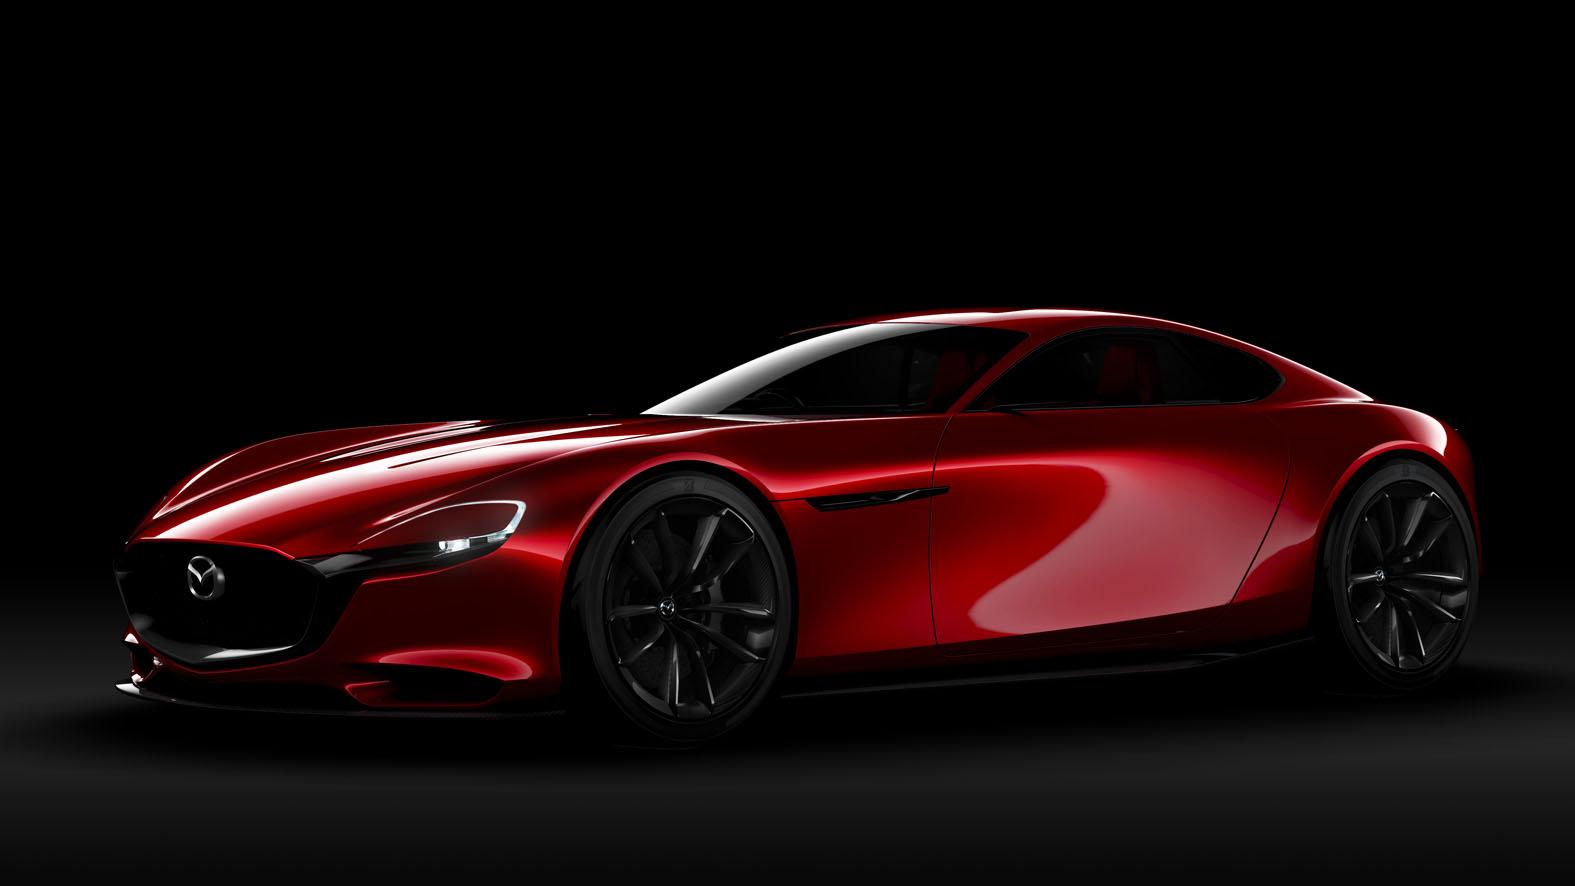 Мазда представит купе наоснове RX-Vision в 2019